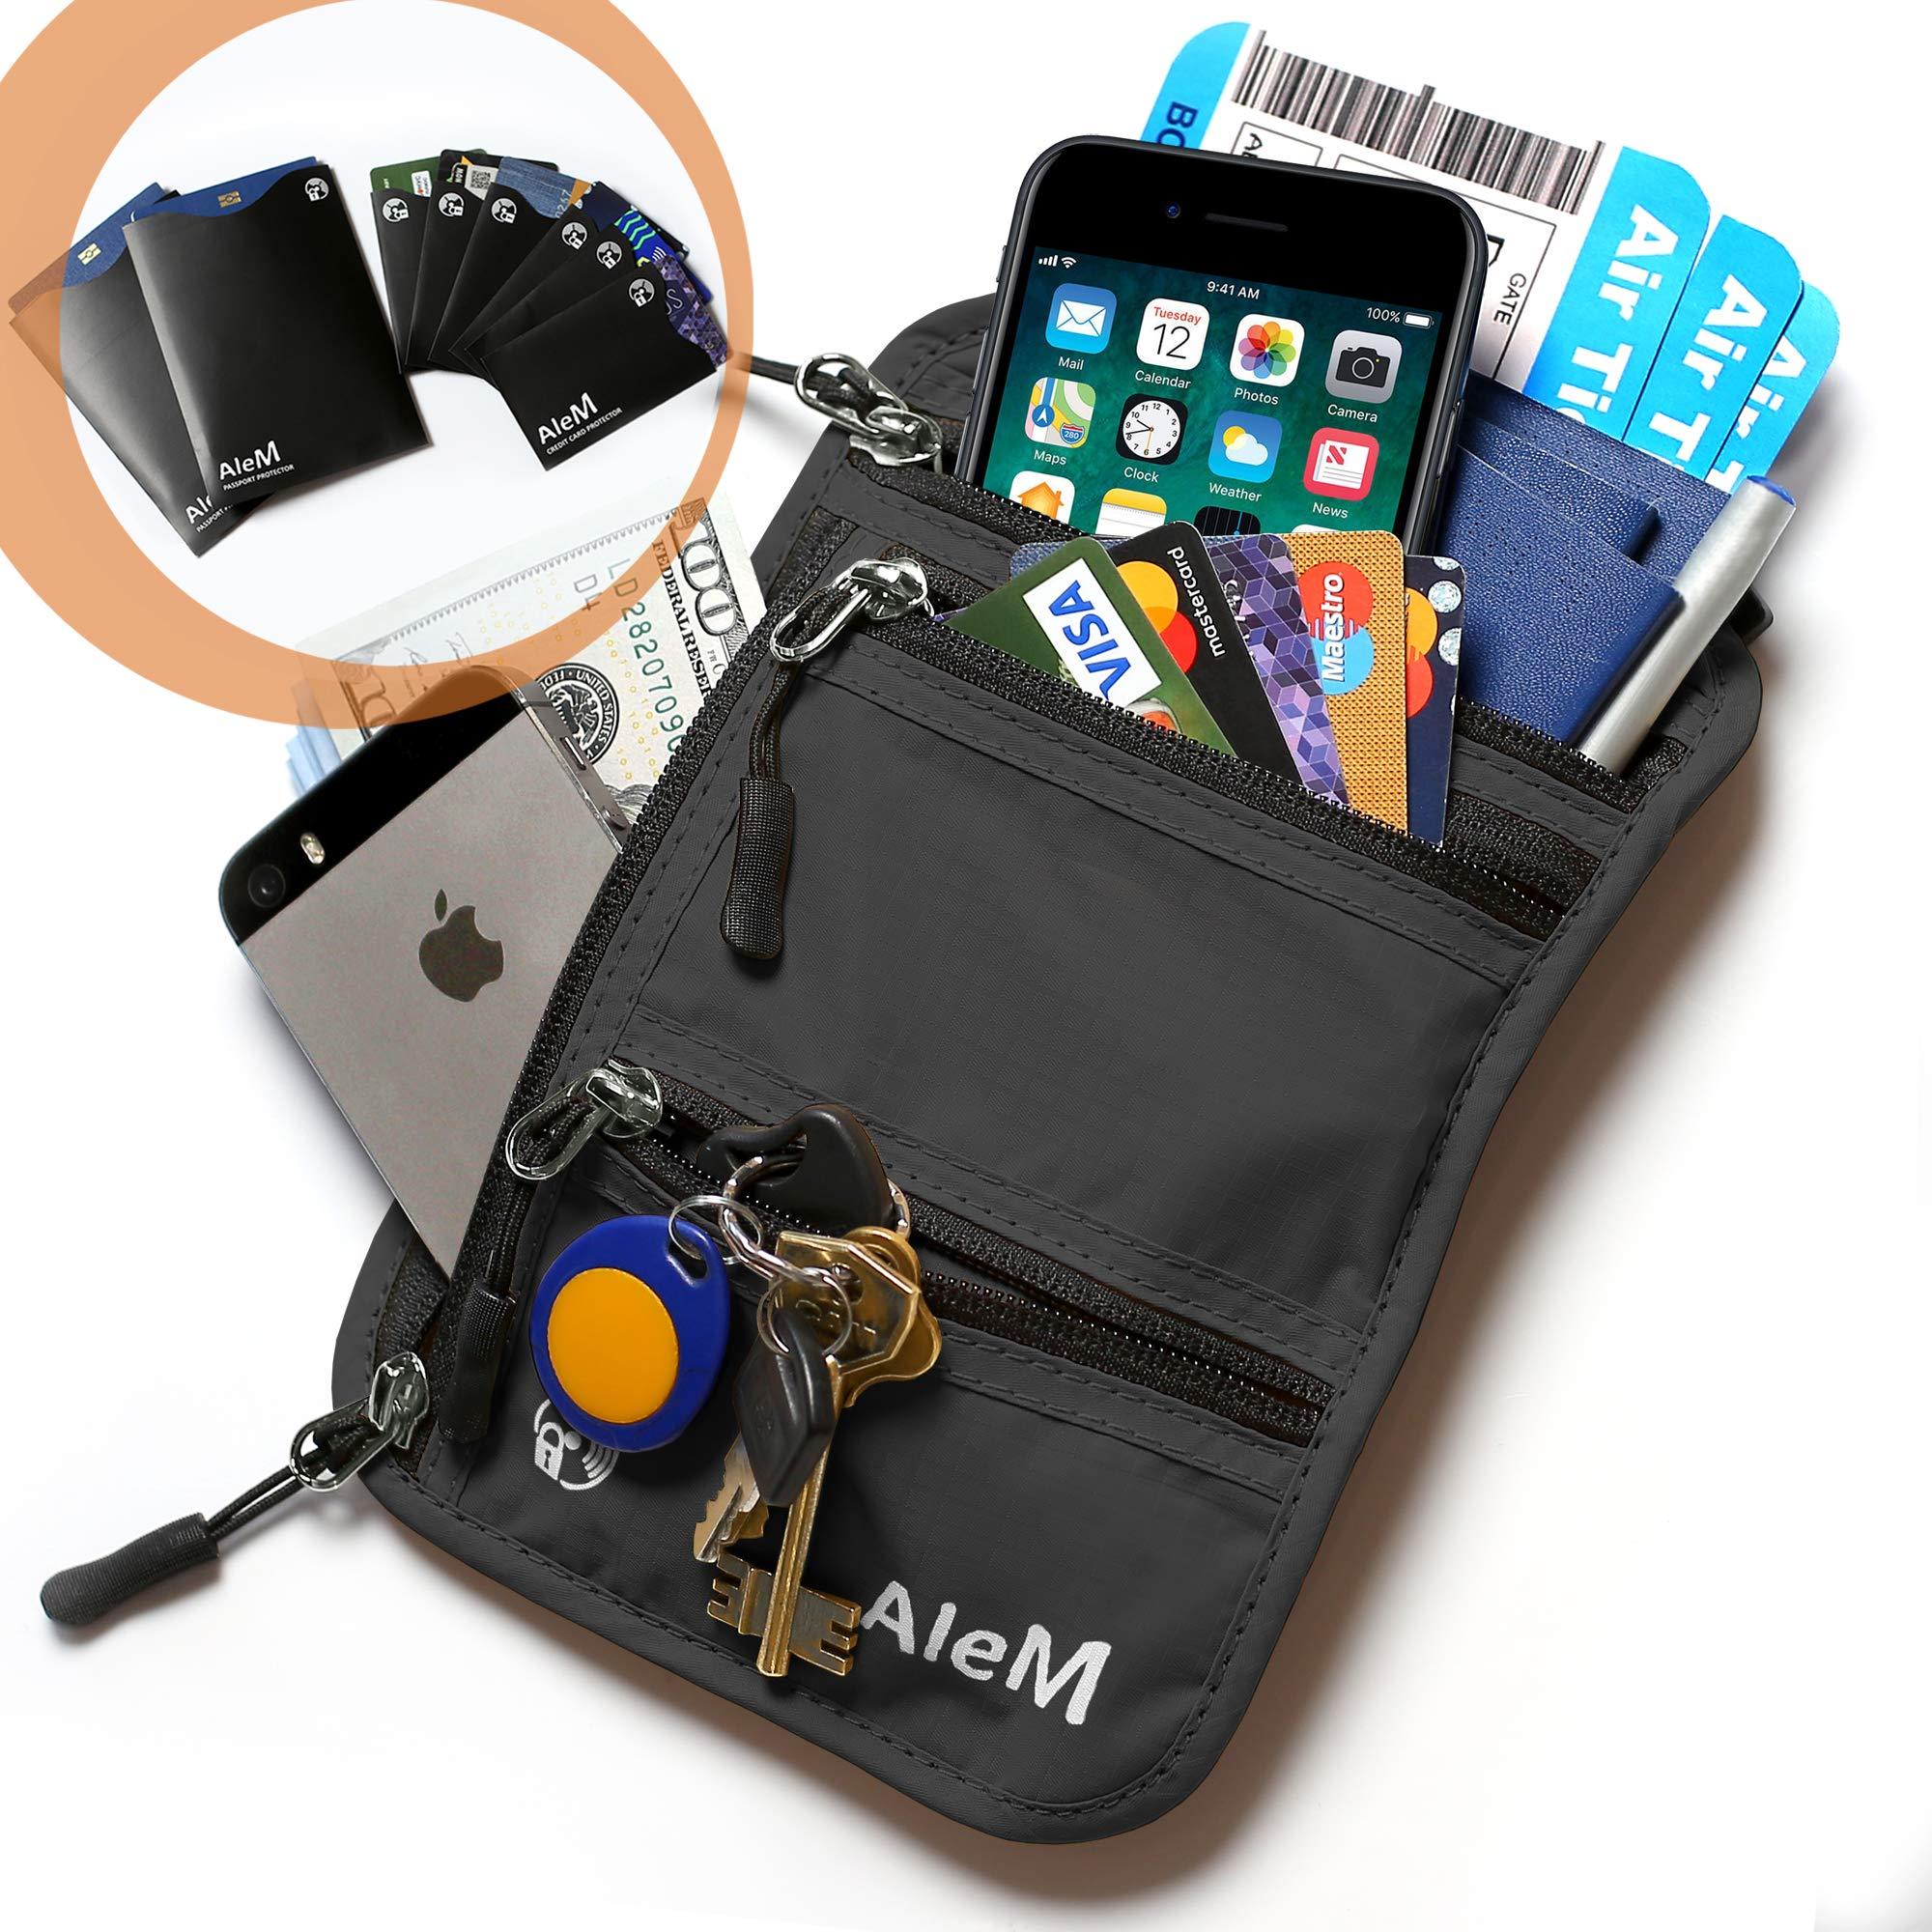 Travel Neck Wallet and Passport Holder - Hidden Anti Theft RFID Blocking Pouch (Black)